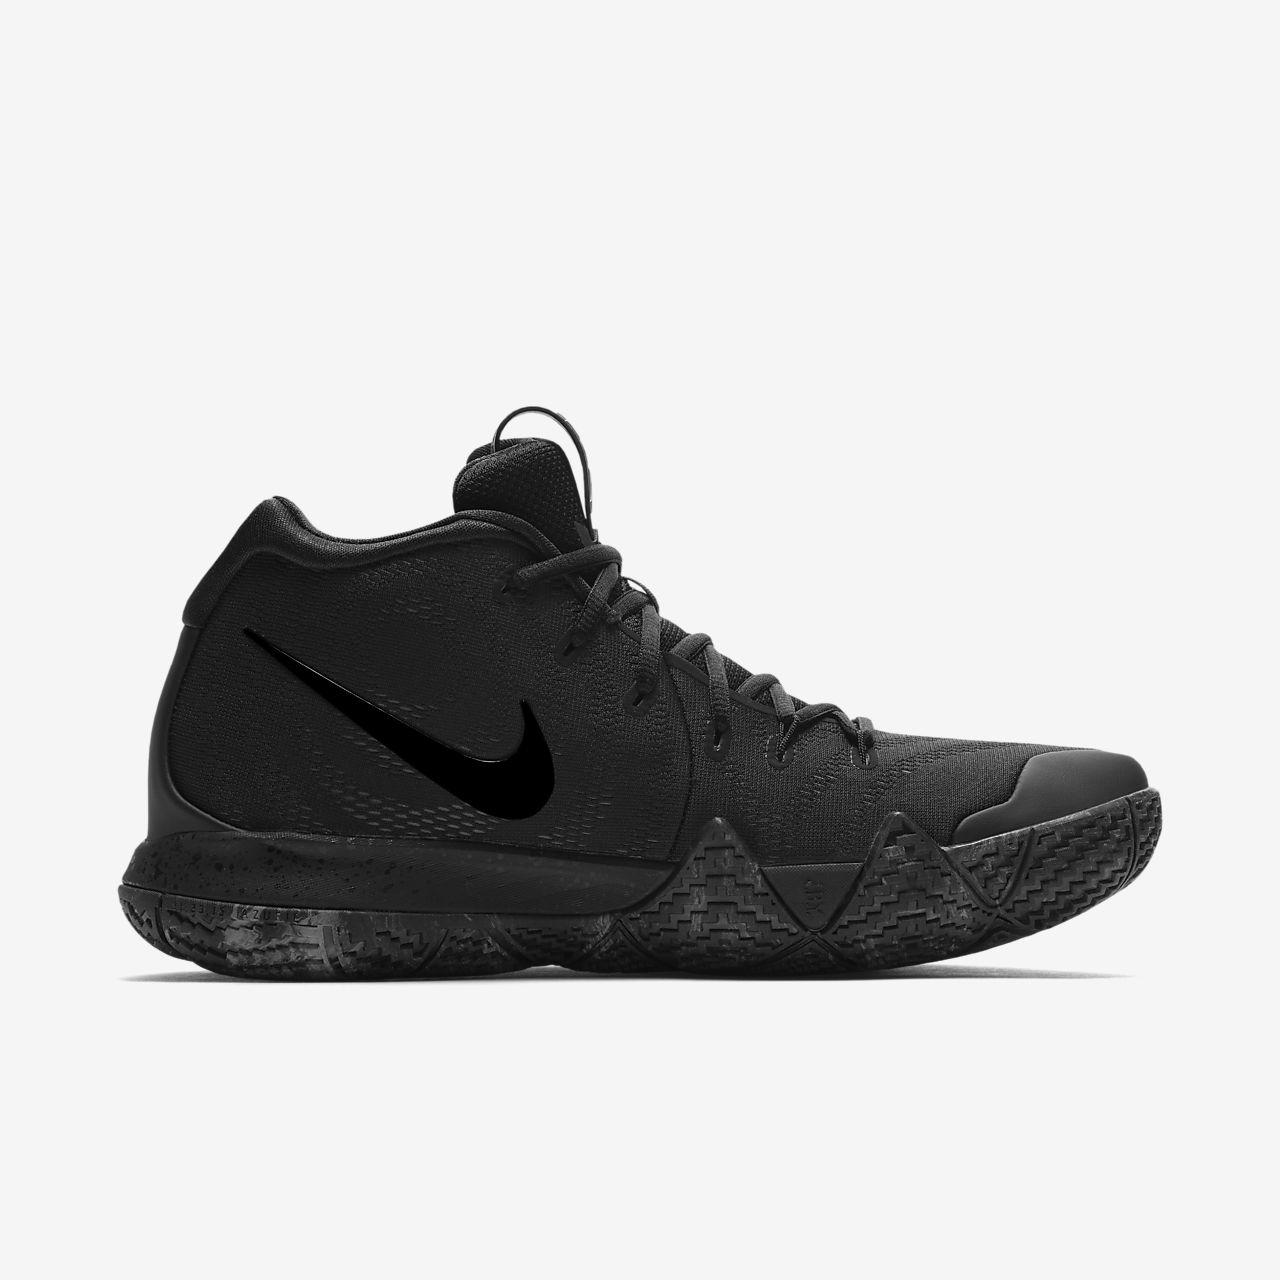 premium selection c2db4 ecc5e Calzado de básquetbol Kyrie 4. Nike.com MX